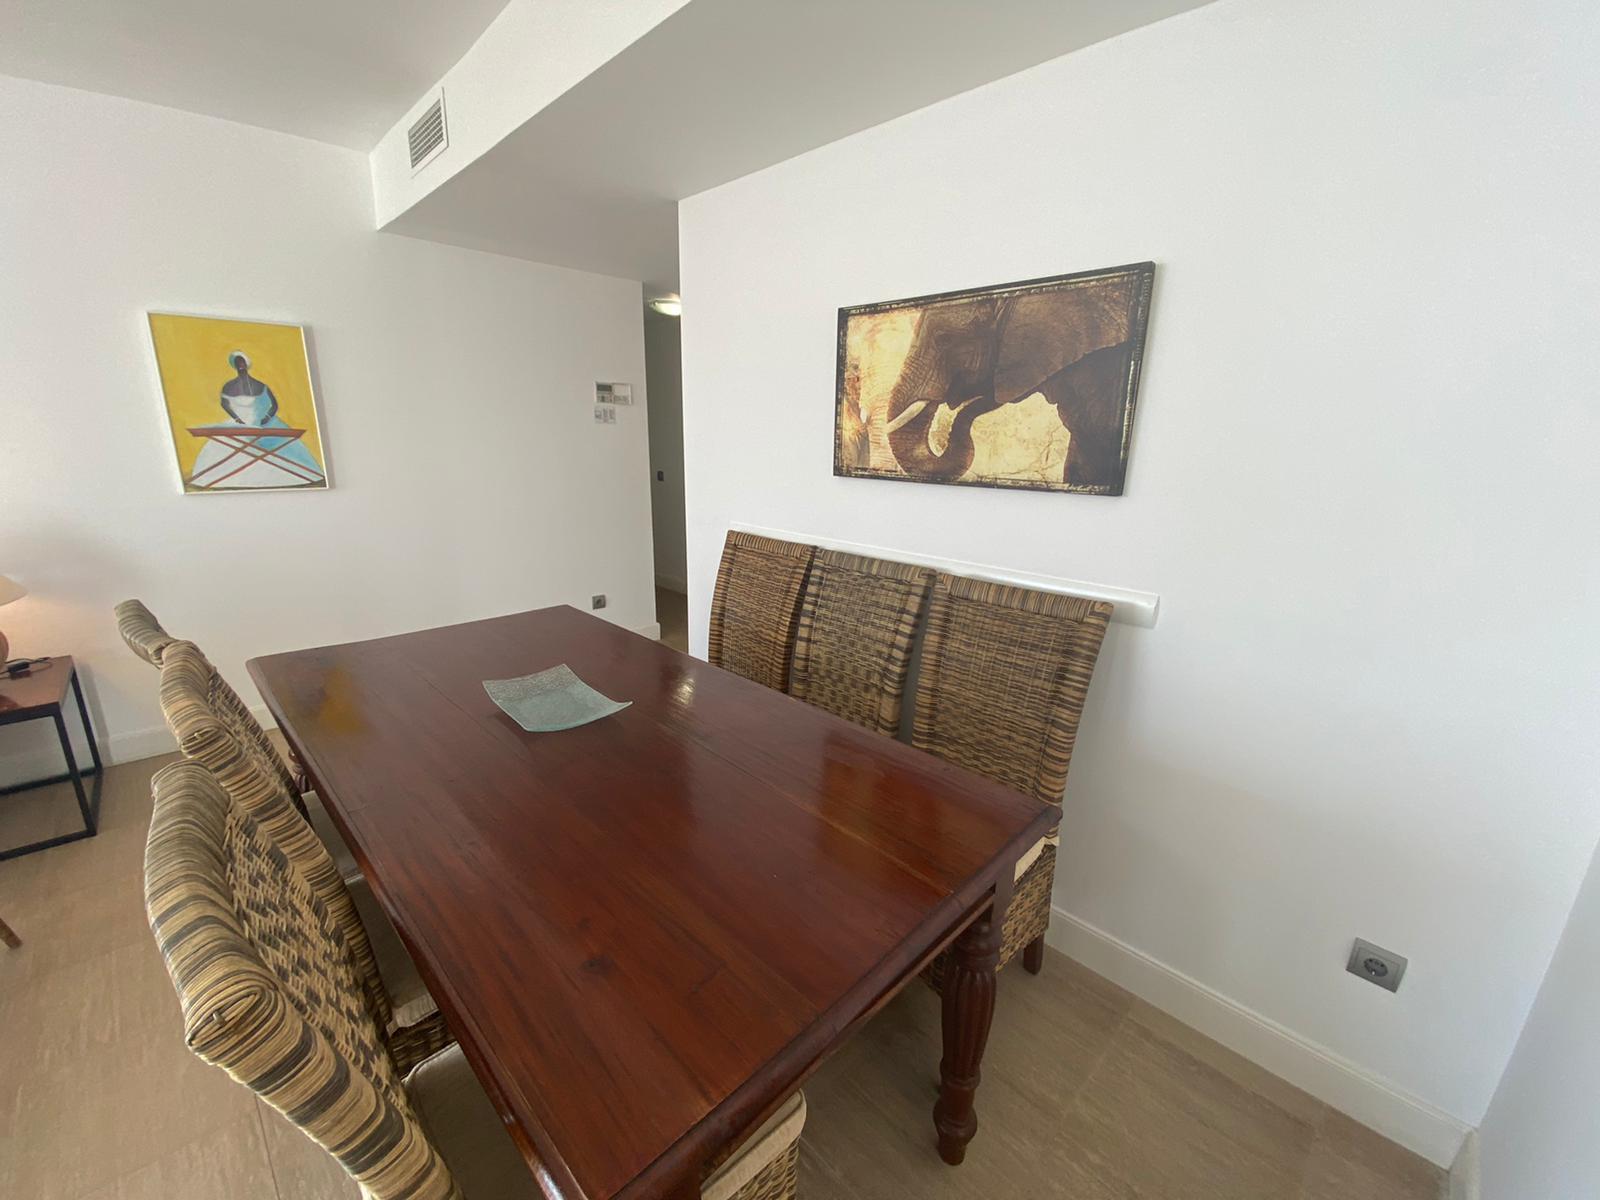 Imagen 18 del Apartamento Turístico, Ático 1 Levante (3d+2b), Punta del Moral (HUELVA), Paseo de la Cruz nº22